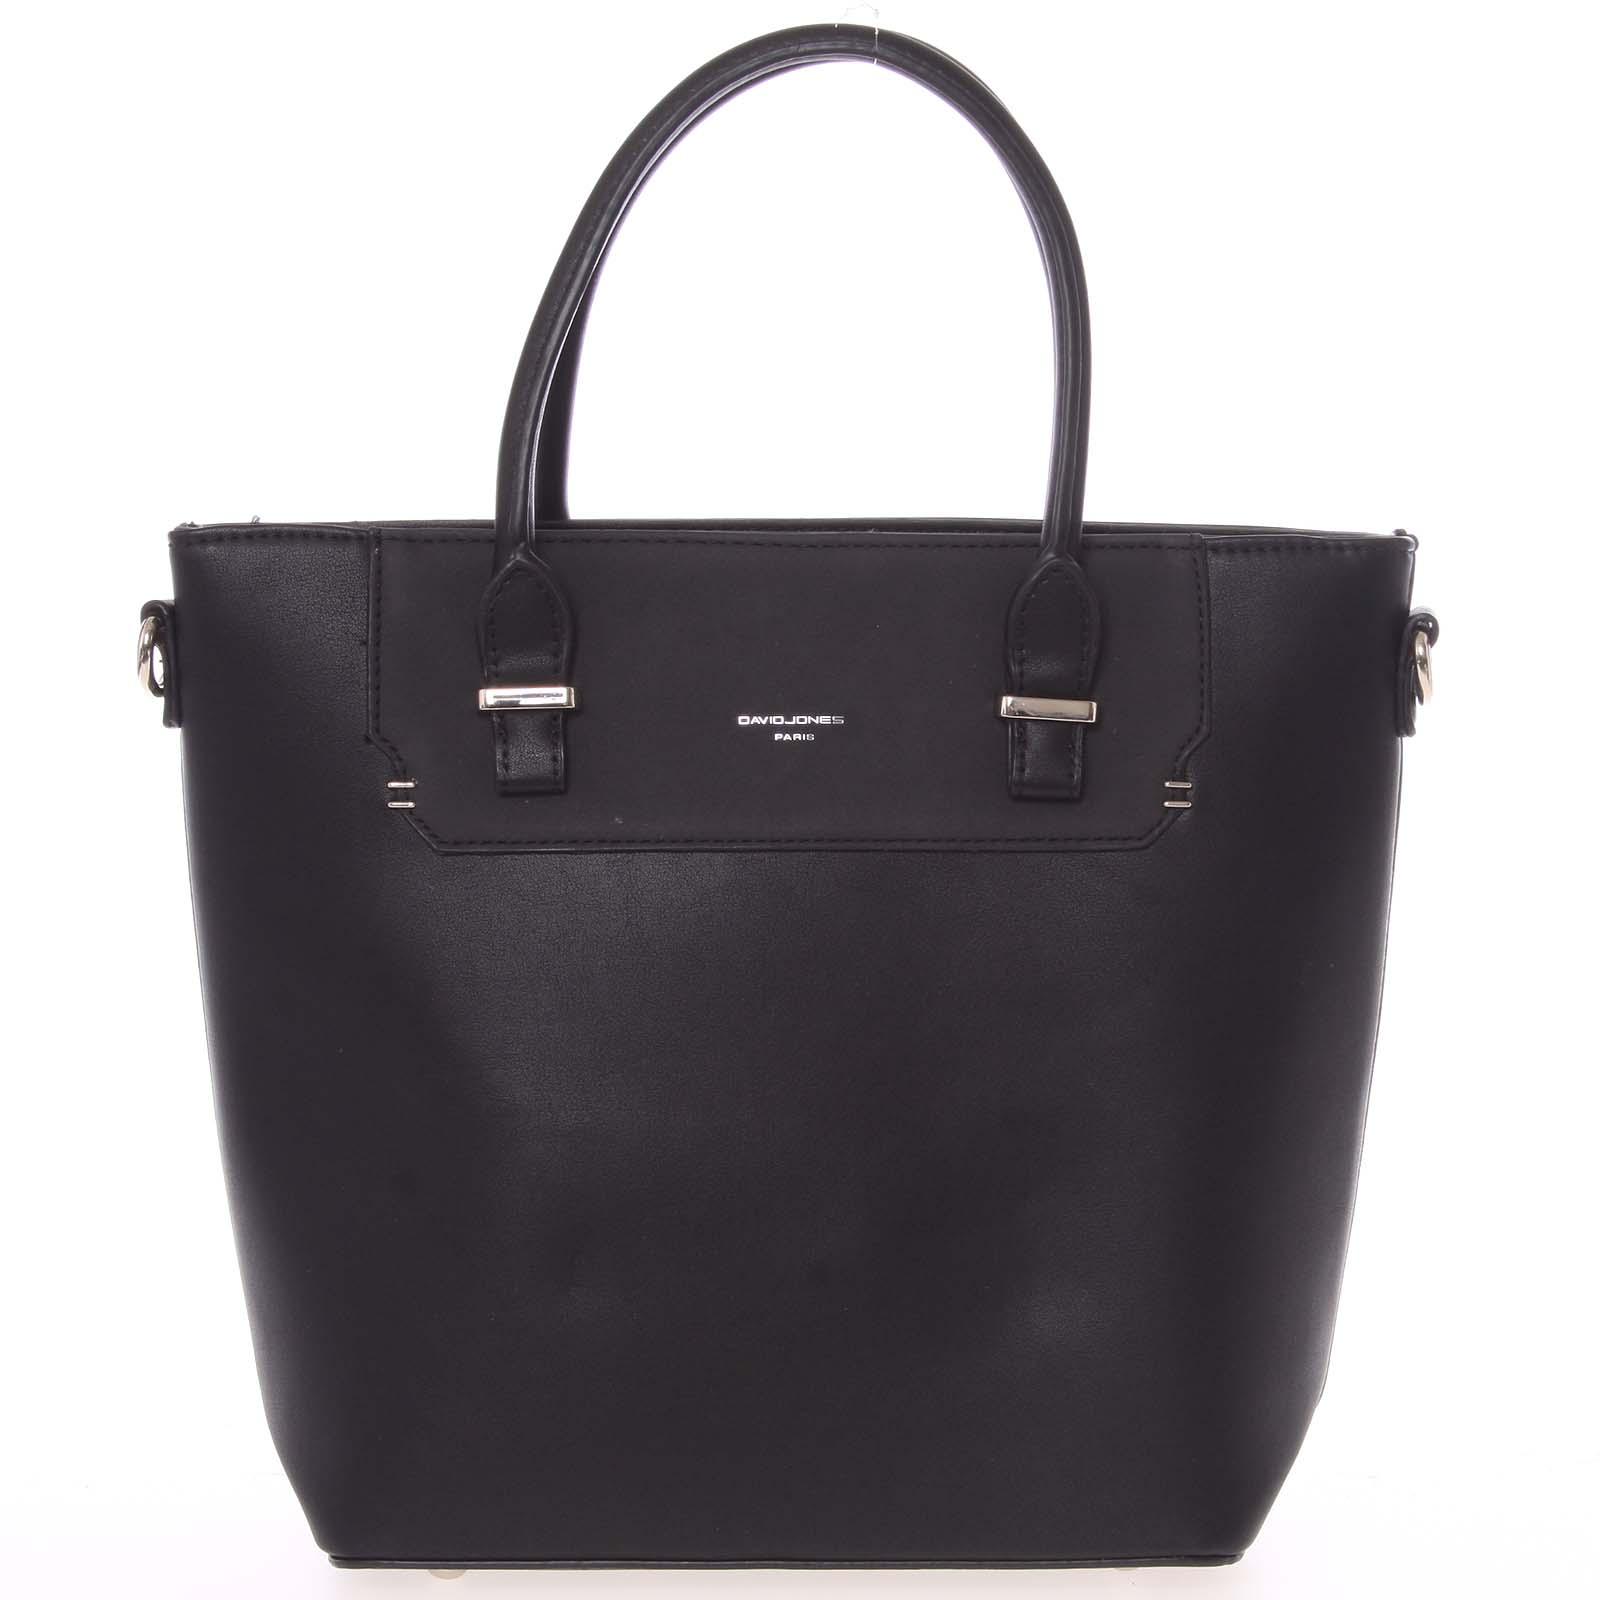 Elegantní černá menší kabelka do ruky - David Jones Talia černá